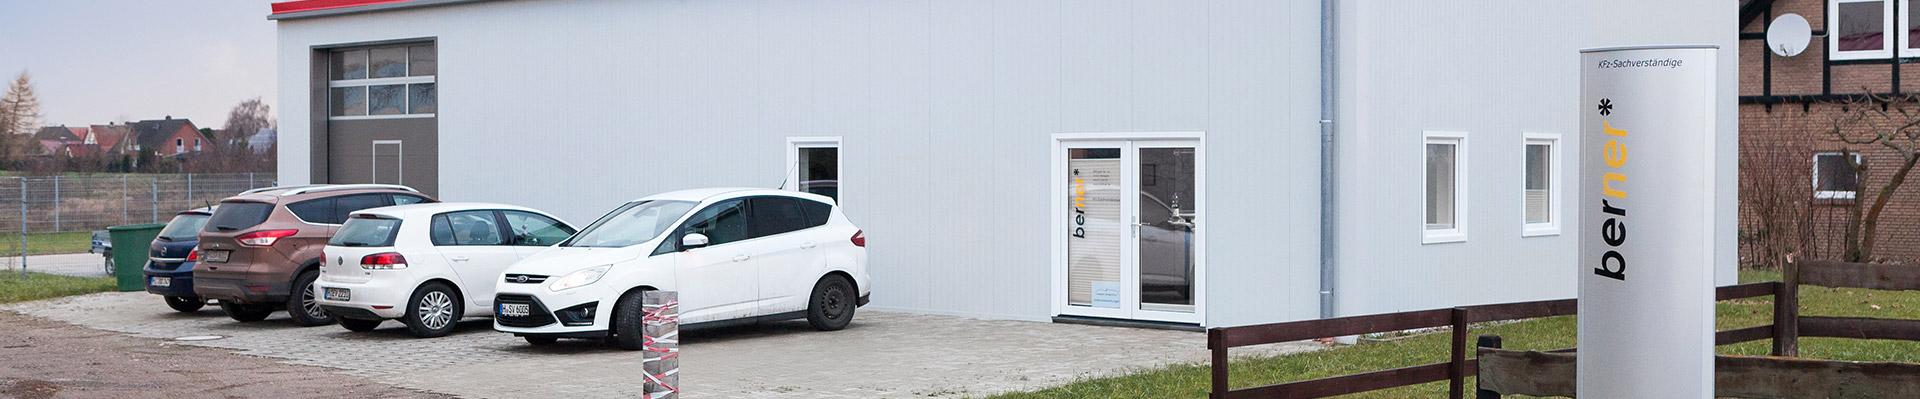 Eine Außenansicht vom SV Berner Firmensitz